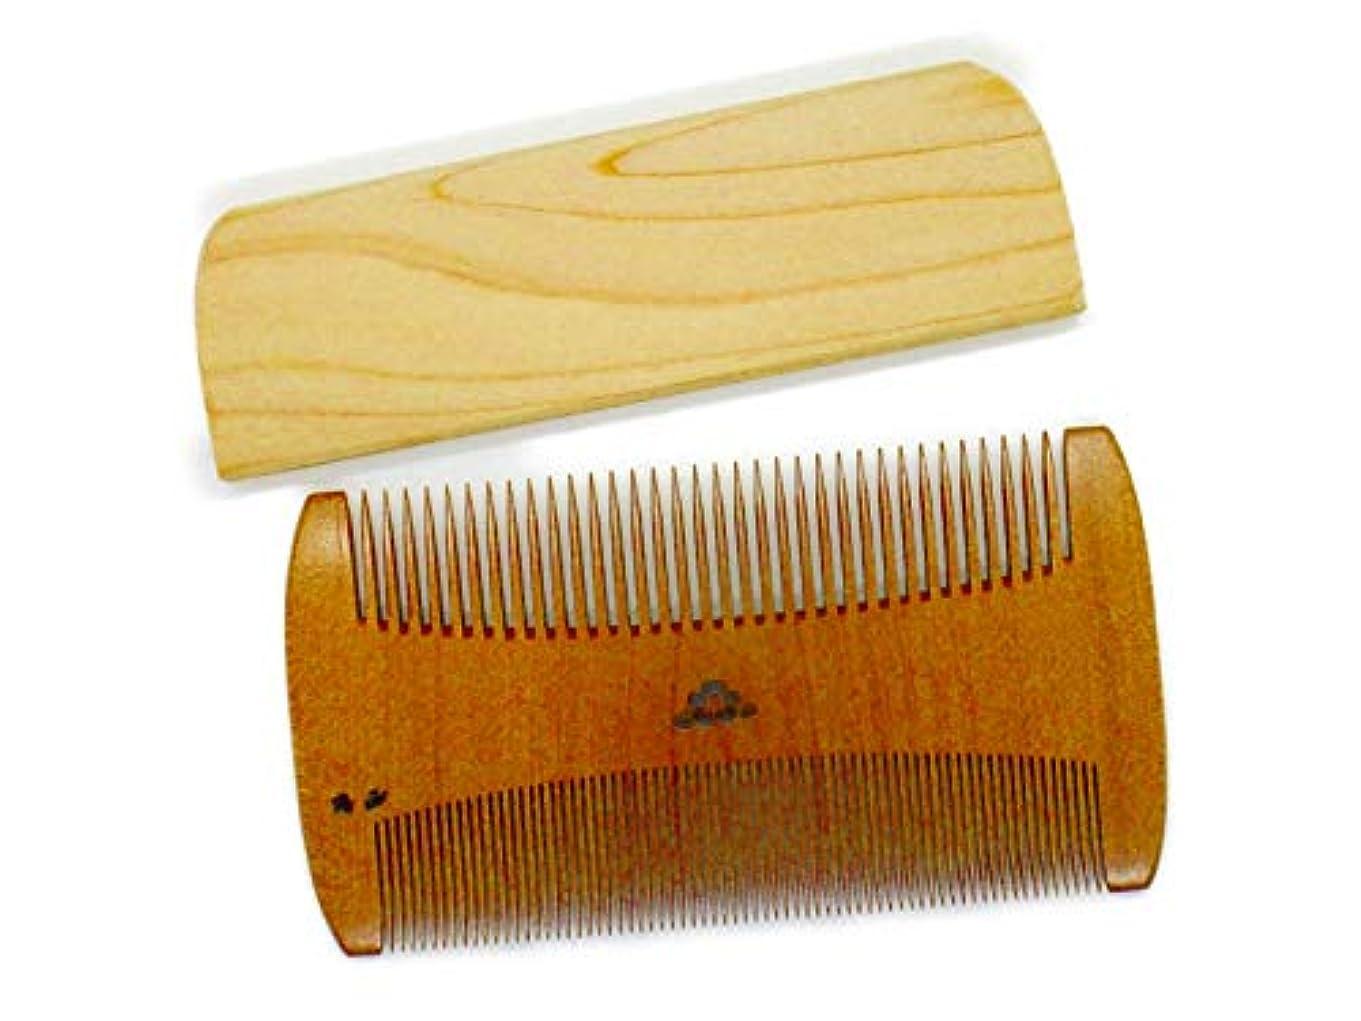 休憩するリーダーシップ甲虫椿櫛 すき櫛~つげ櫛職人が作りました~髪に付いたホコリを取る事に特化した櫛です。シラミ駆除対応